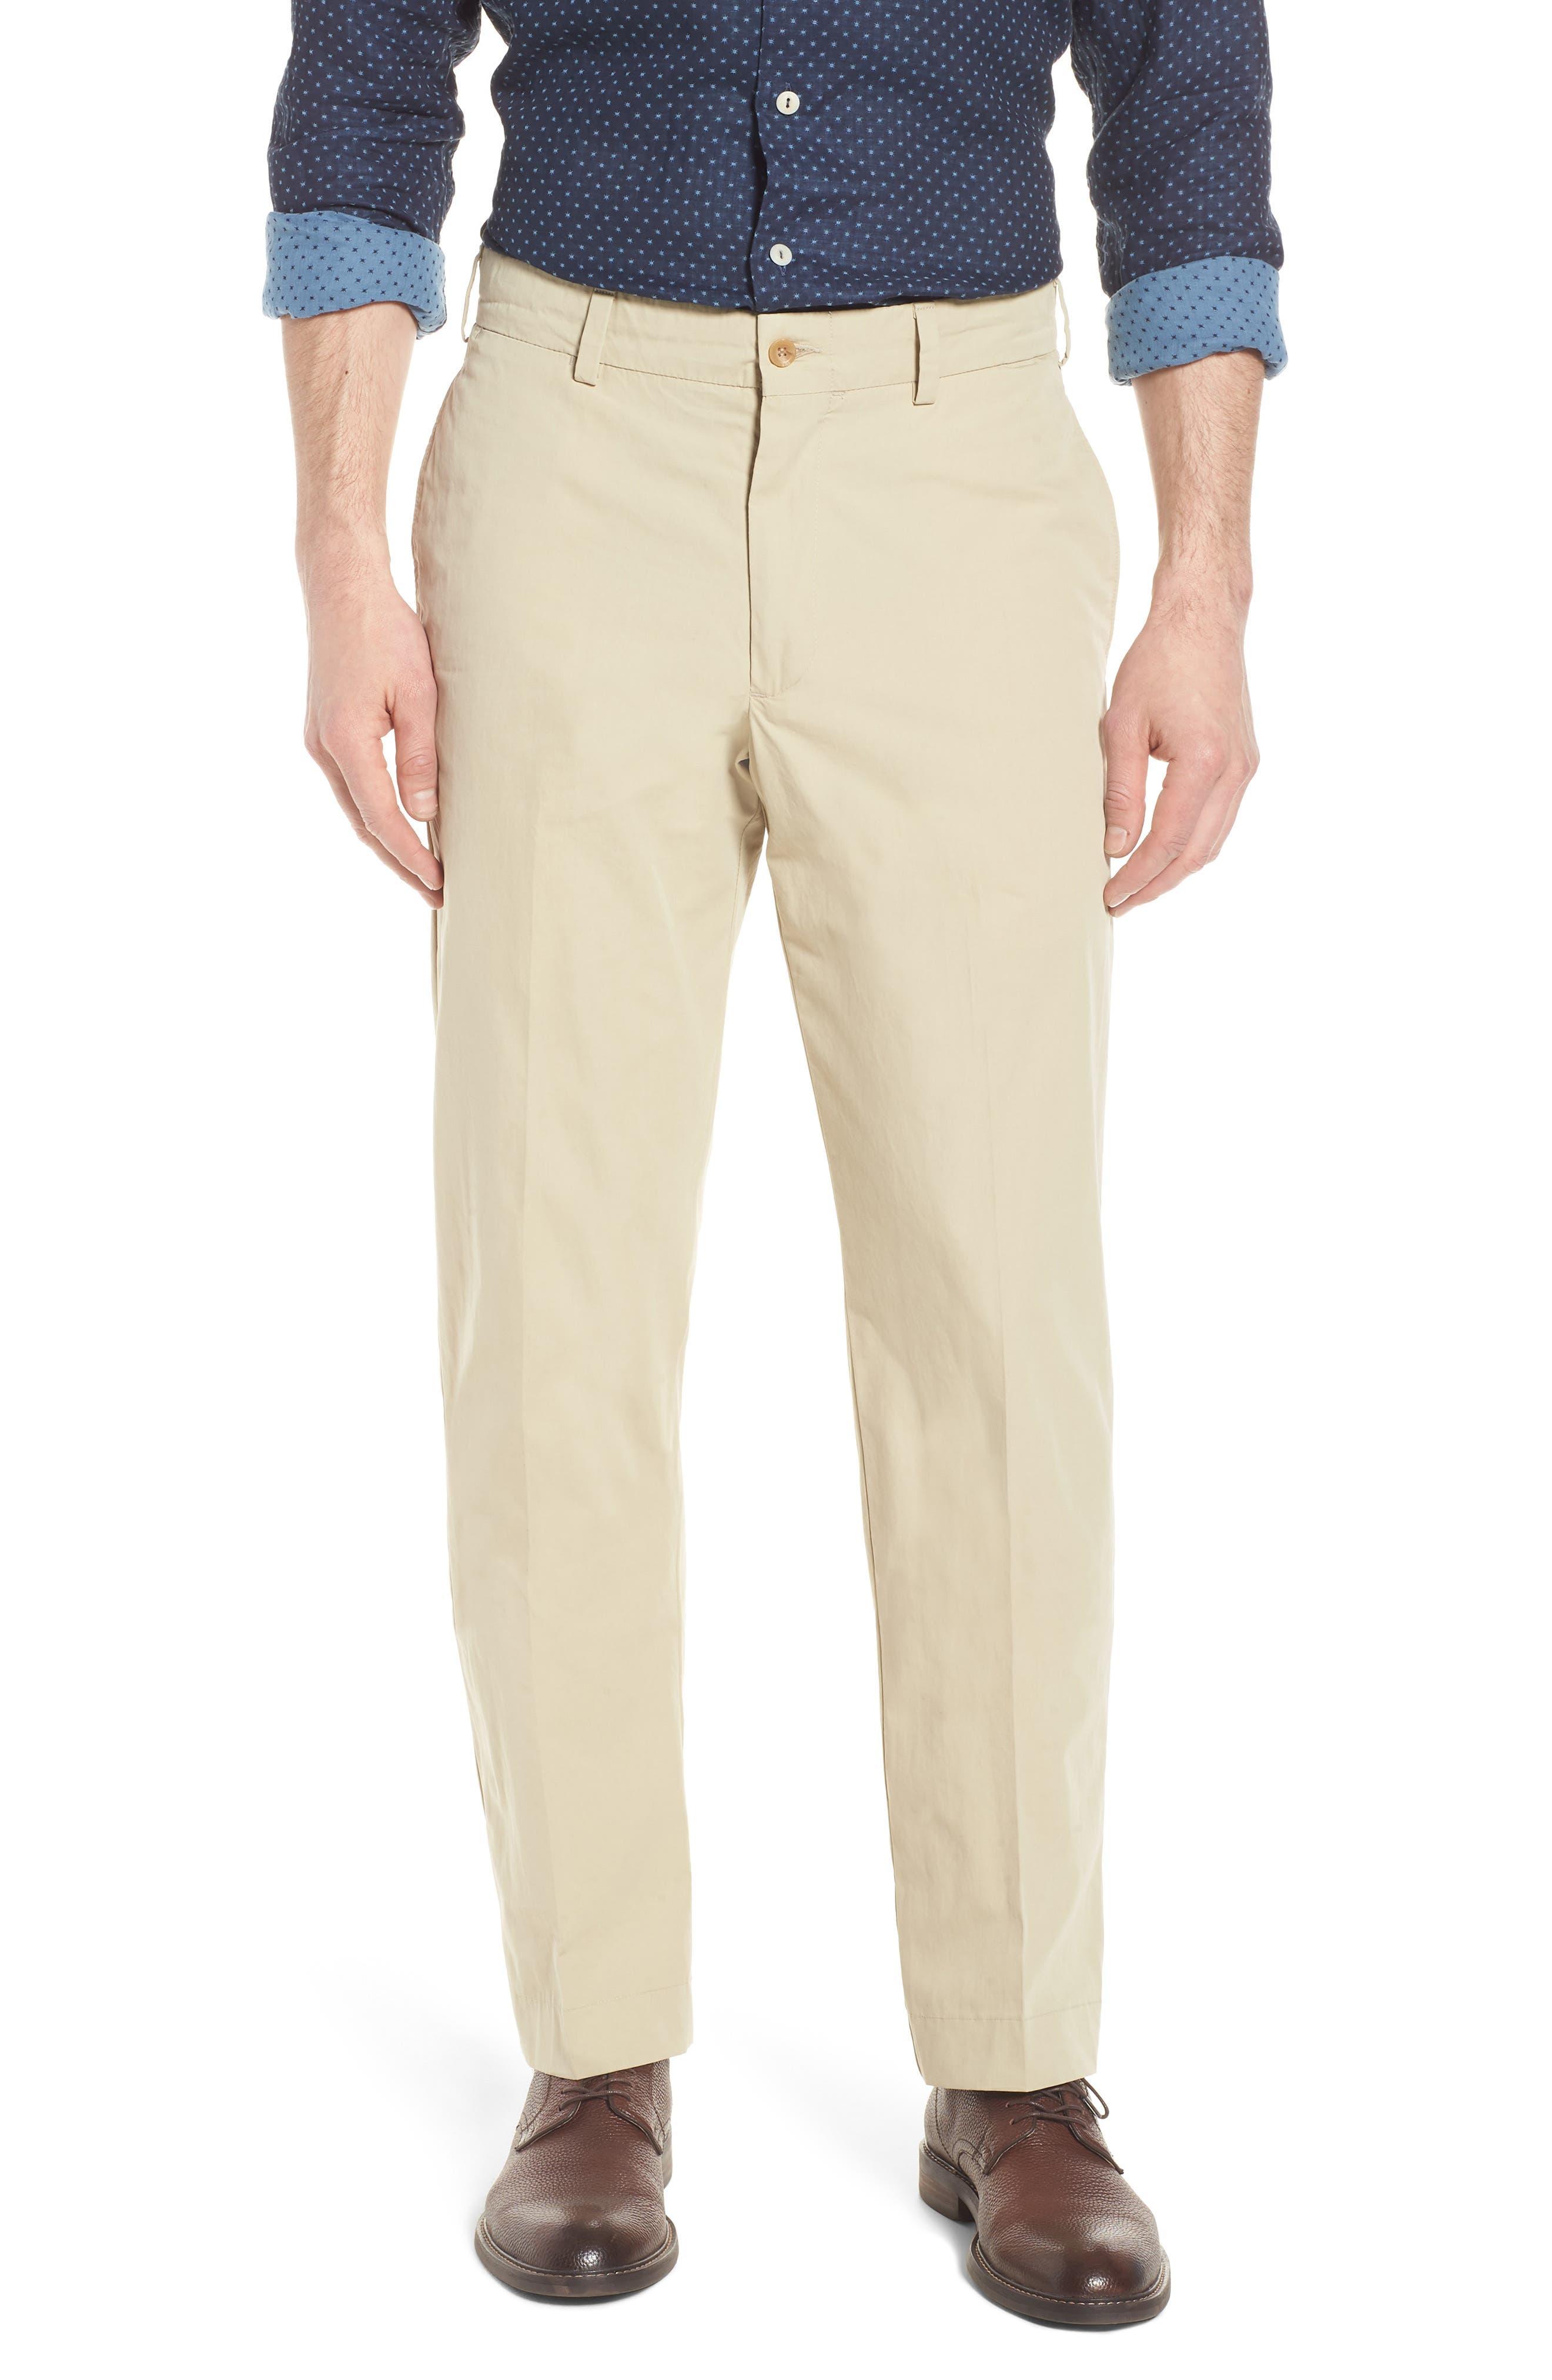 M2 Classic Fit Flat Front Tropical Cotton Poplin Pants,                         Main,                         color, Khaki